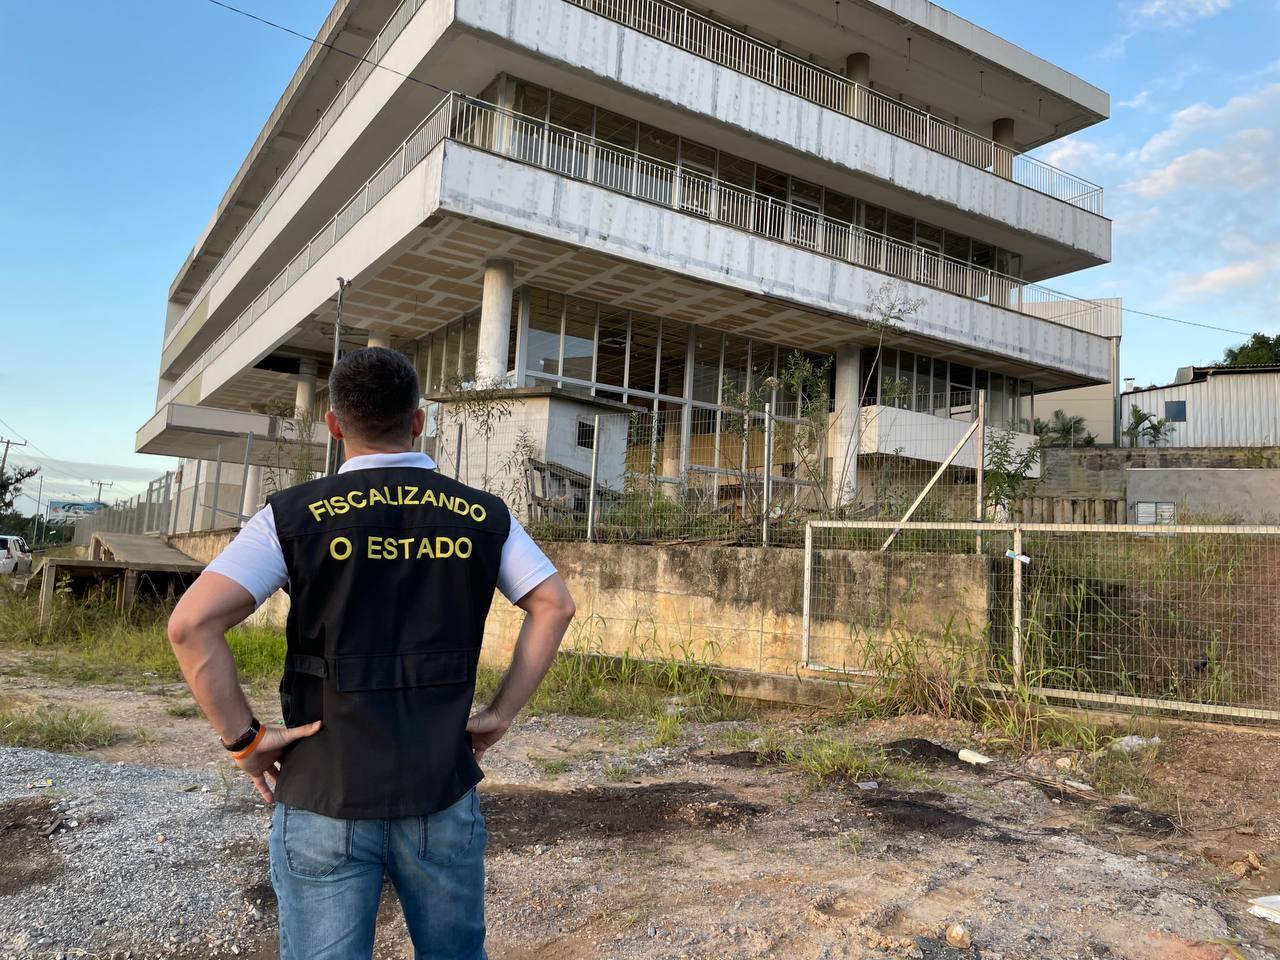 Desperdício de Dinheiro Público: Bruno Souza visita Centro de Inovação abandonado em Brusque